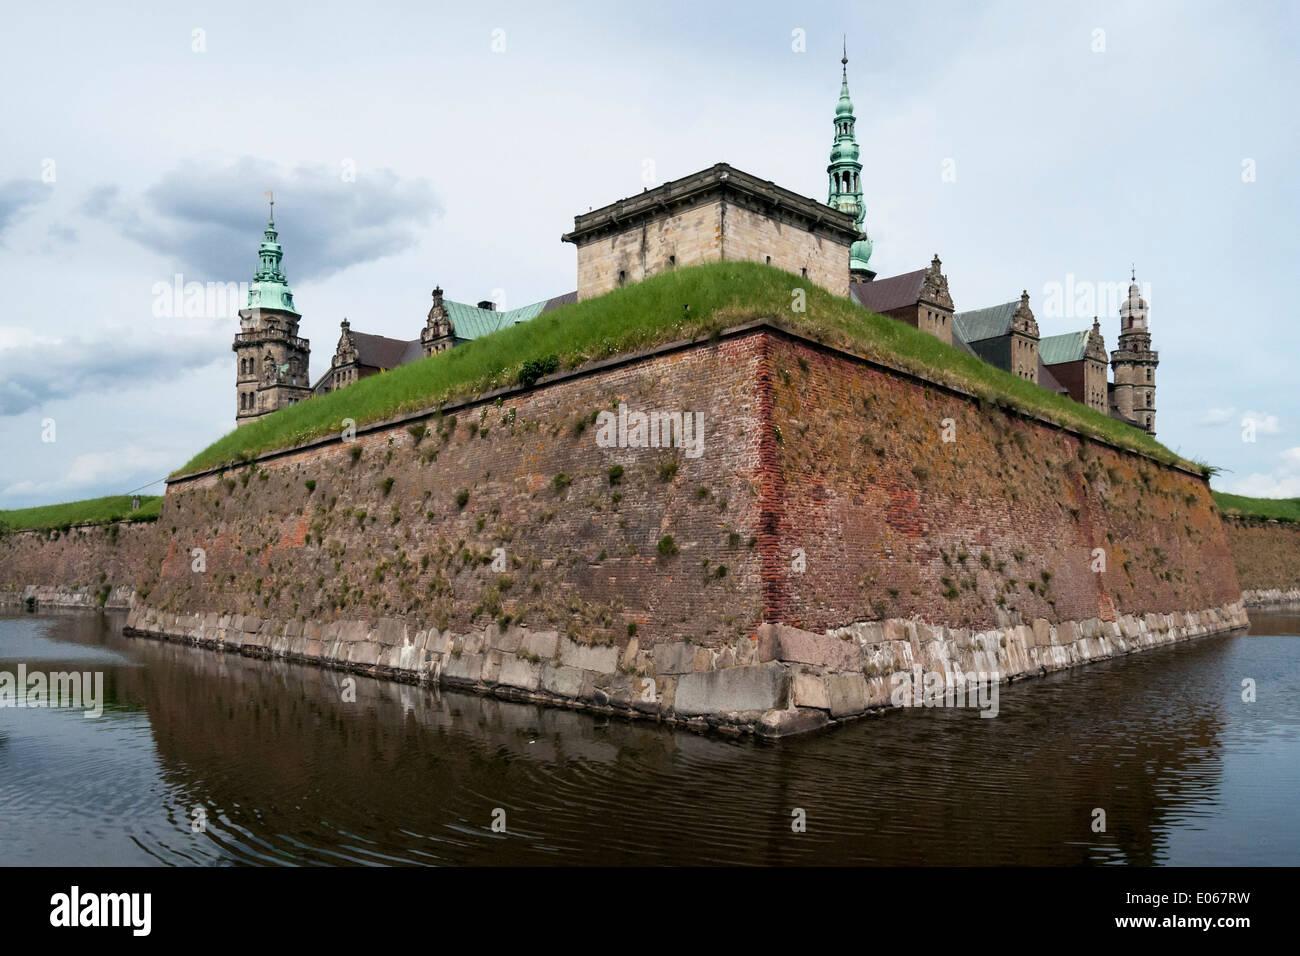 Kronborg Castle (Hamlet's castle) seen from the moat, Helsingnor, Denmark - Stock Image